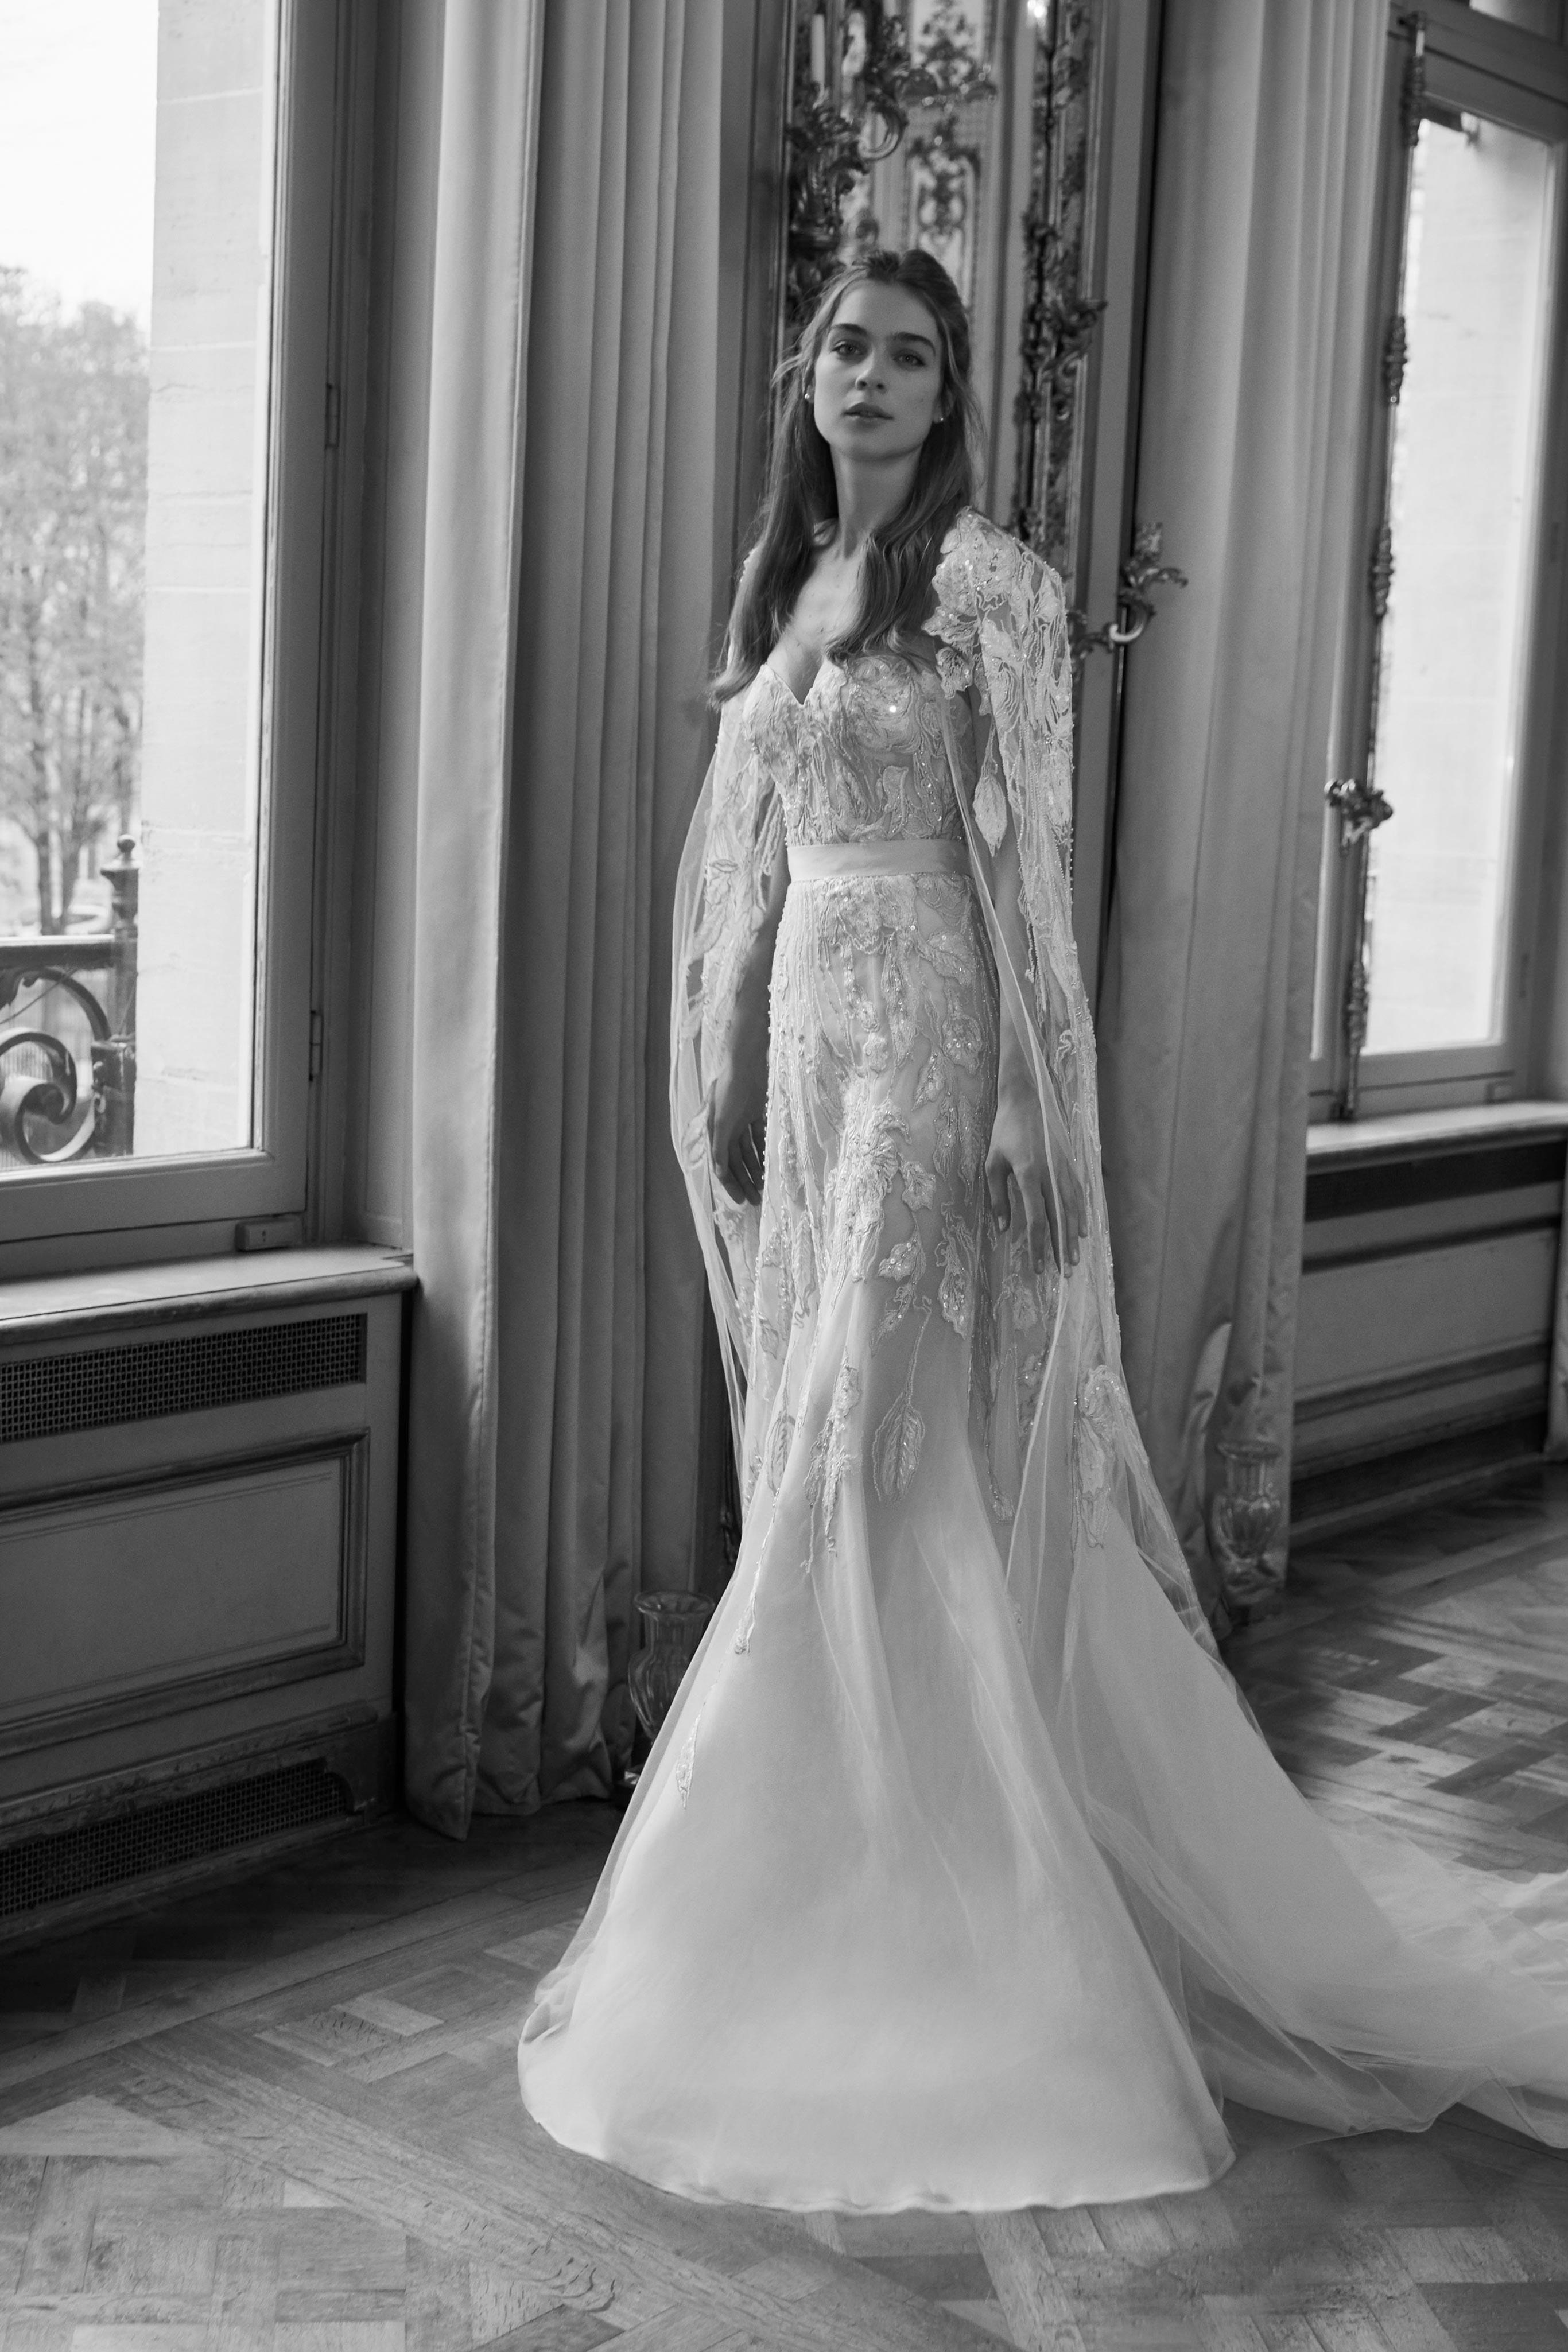 012-Elie-Saab-Vogue-spring-Bridal-2019-pr